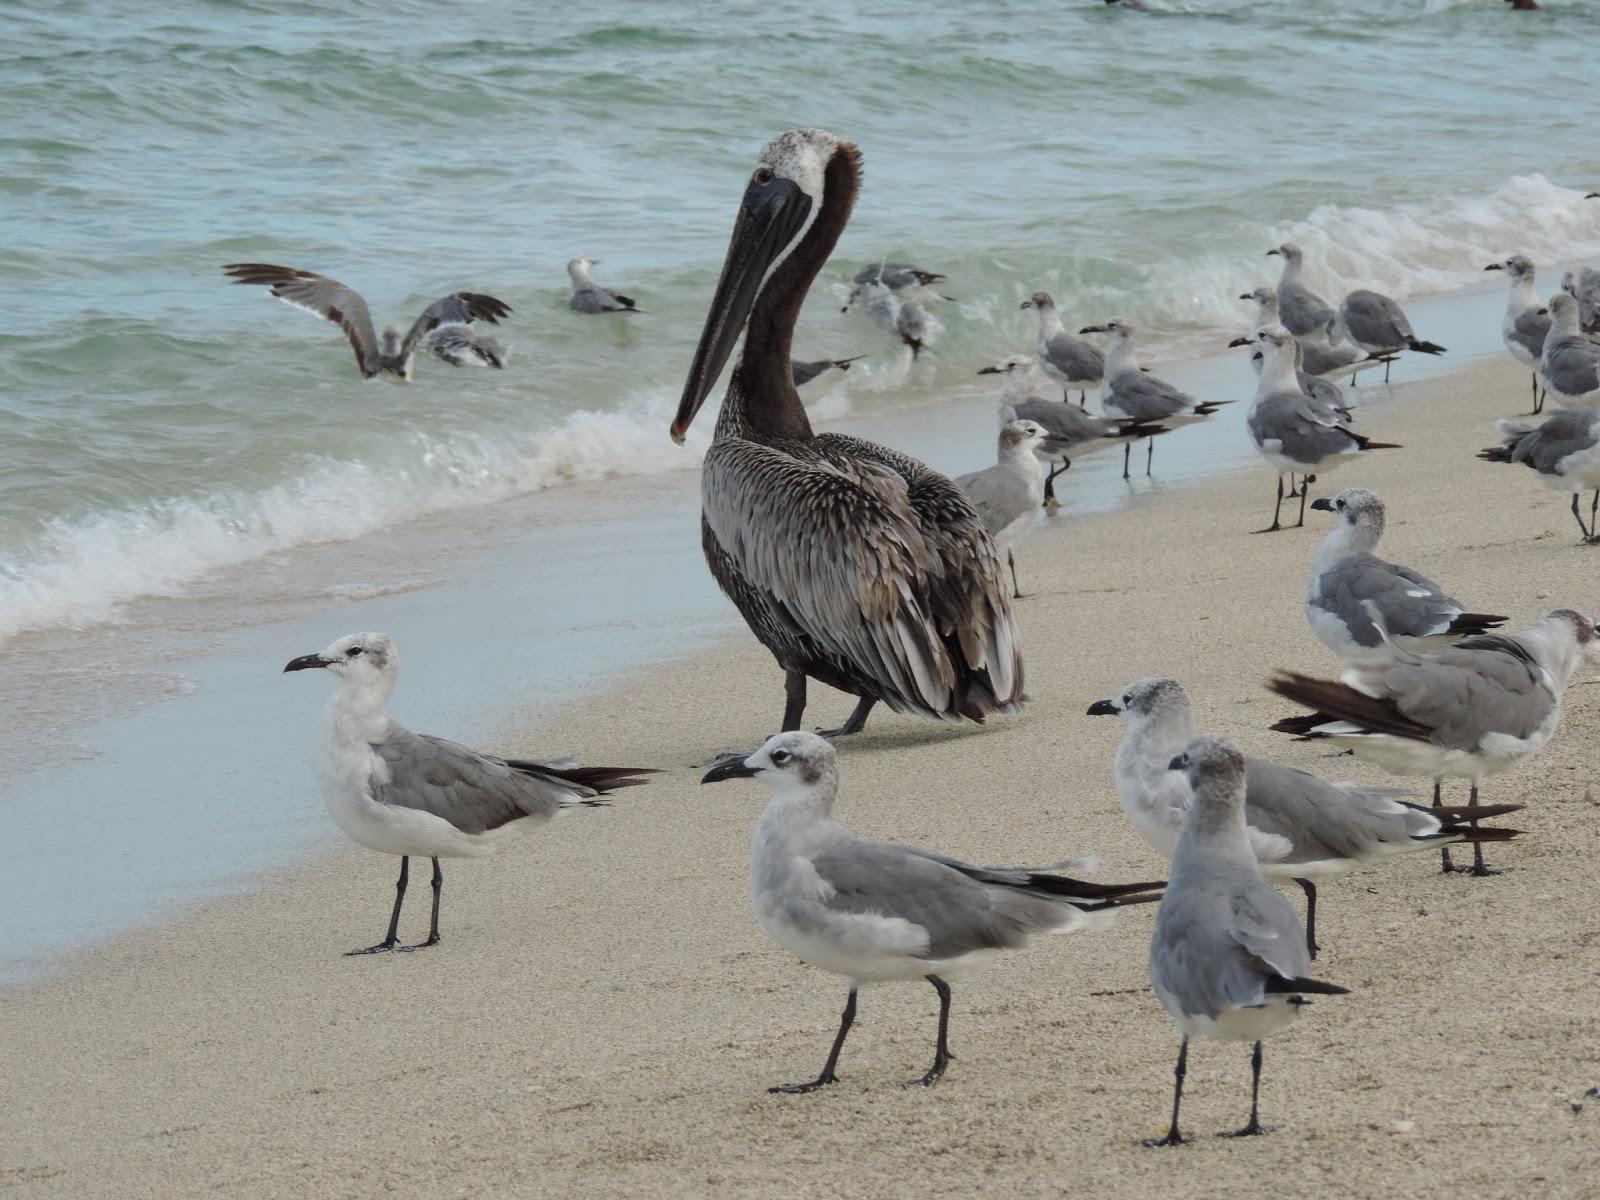 Bonao internacional galeria gaviotas y pelicanos - Fotos de pelicanos ...